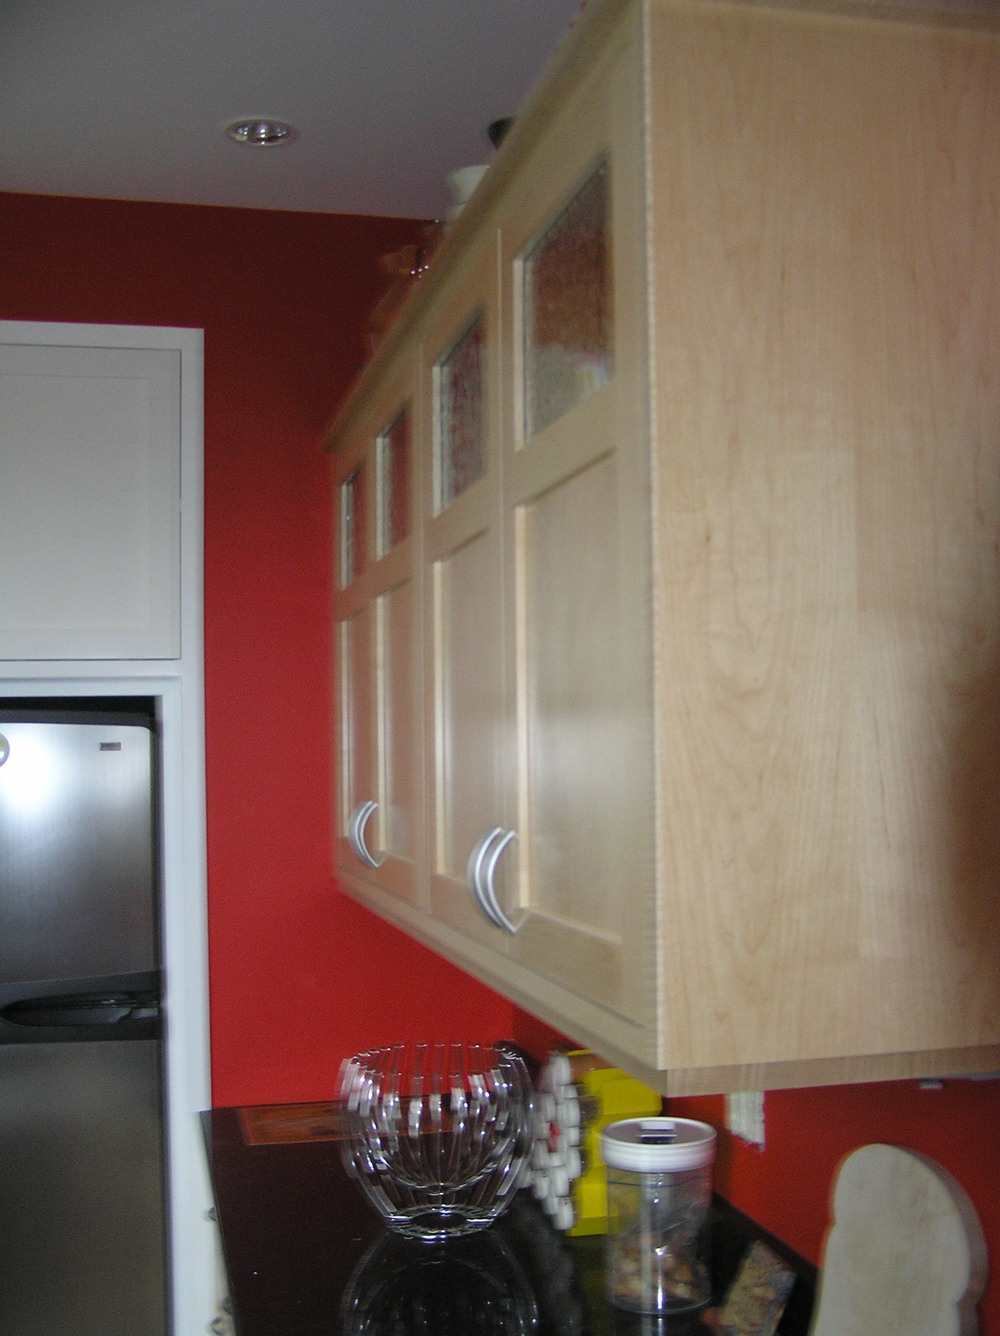 middlebury kitchen (2).jpg